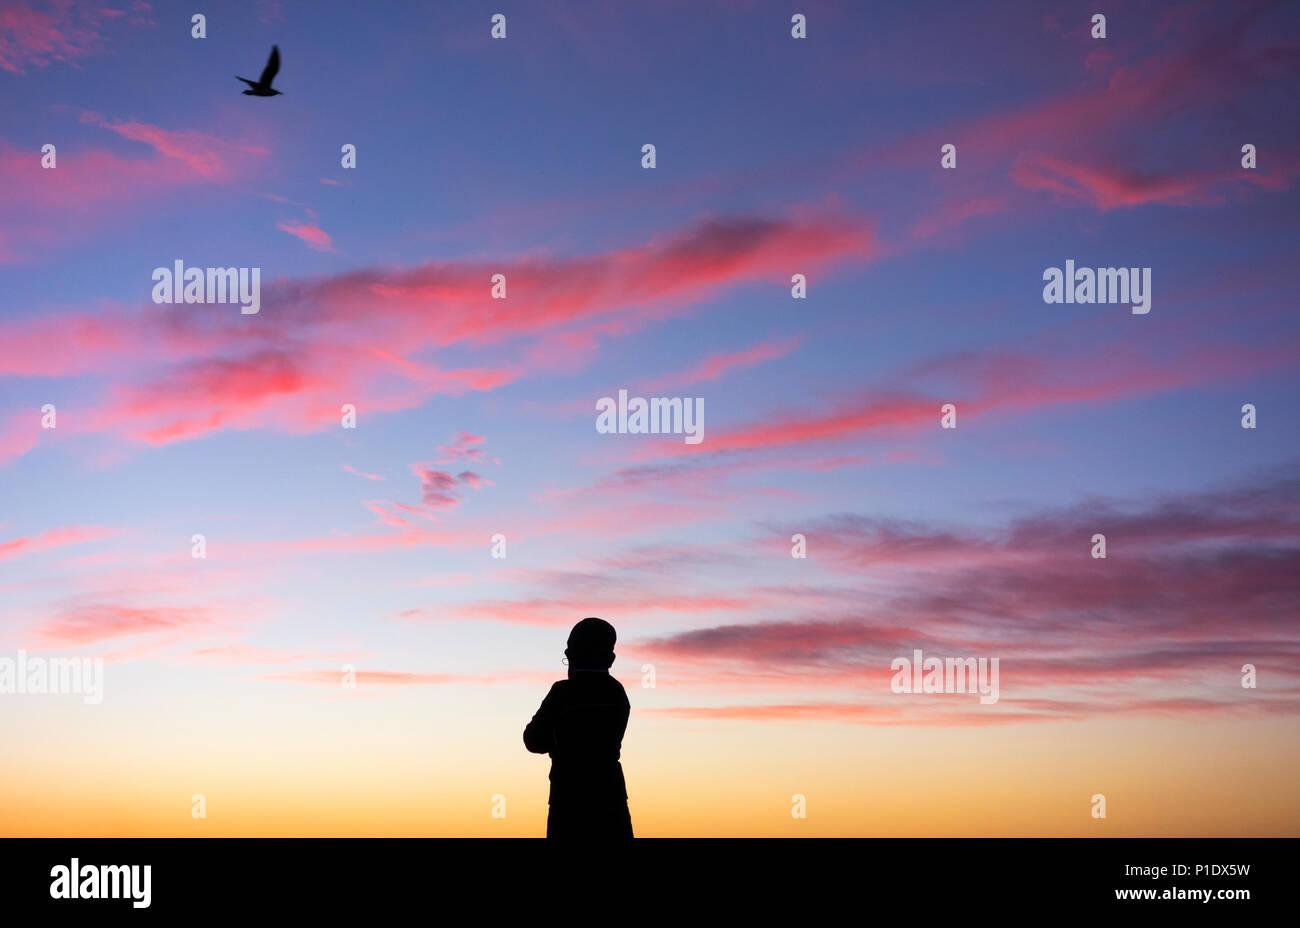 Ansicht der Rückseite Frau gegen Sonnenuntergang als Silhouette Vogel overhead fliegt: psychische Gesundheit, weibliche Depression, positives Denken... Konzept Bild Stockbild